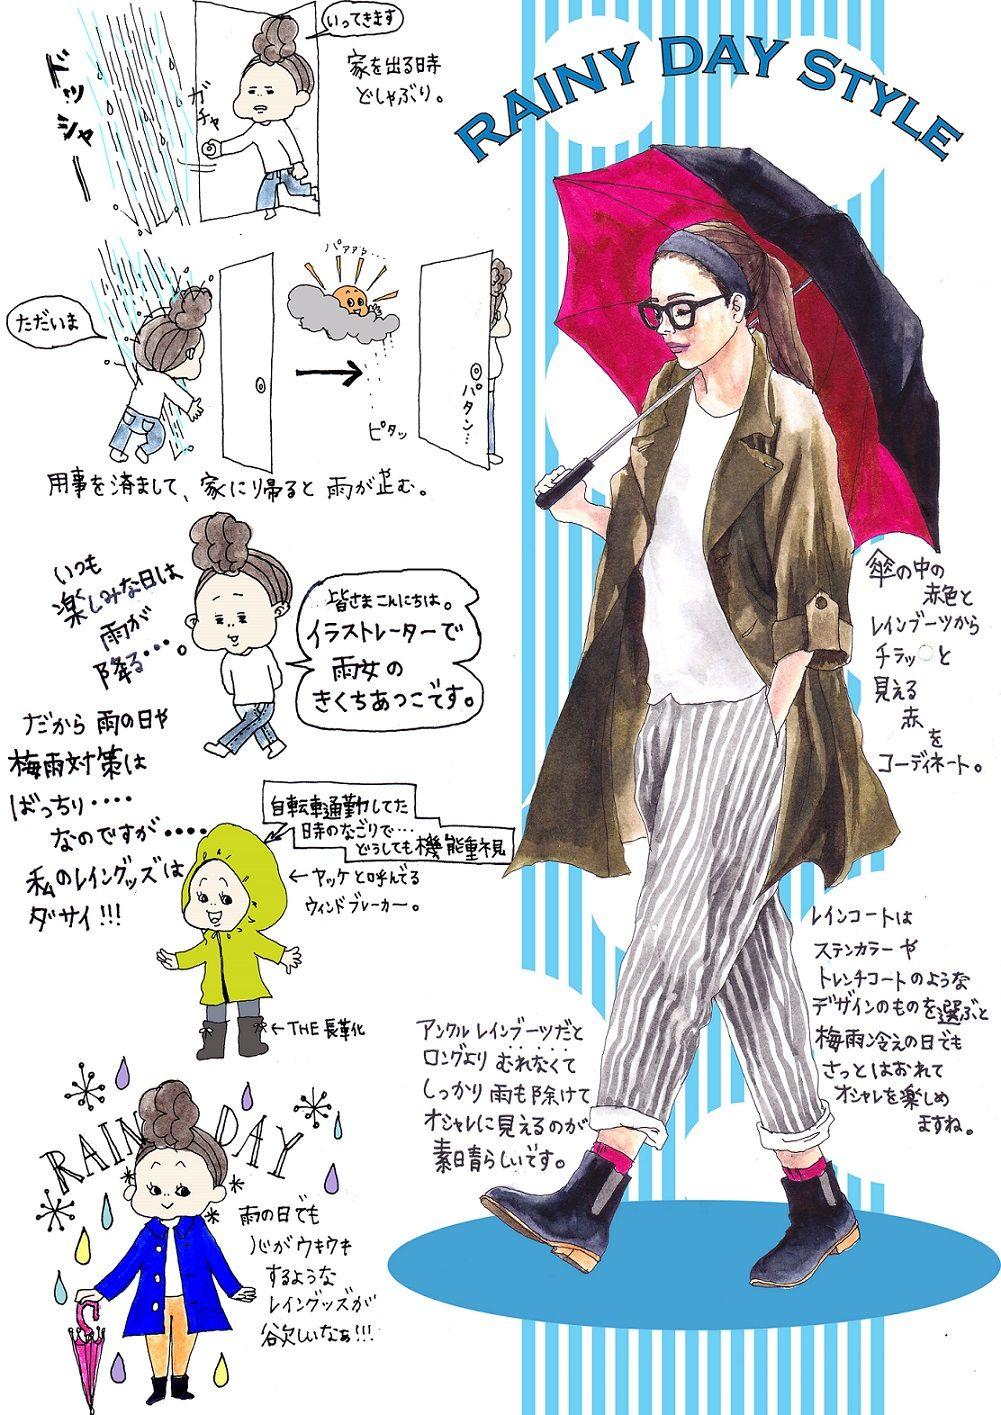 【連載】今、コレ、欲しい! vol.17《雨の日スタイル》-STYLE HAUS ...